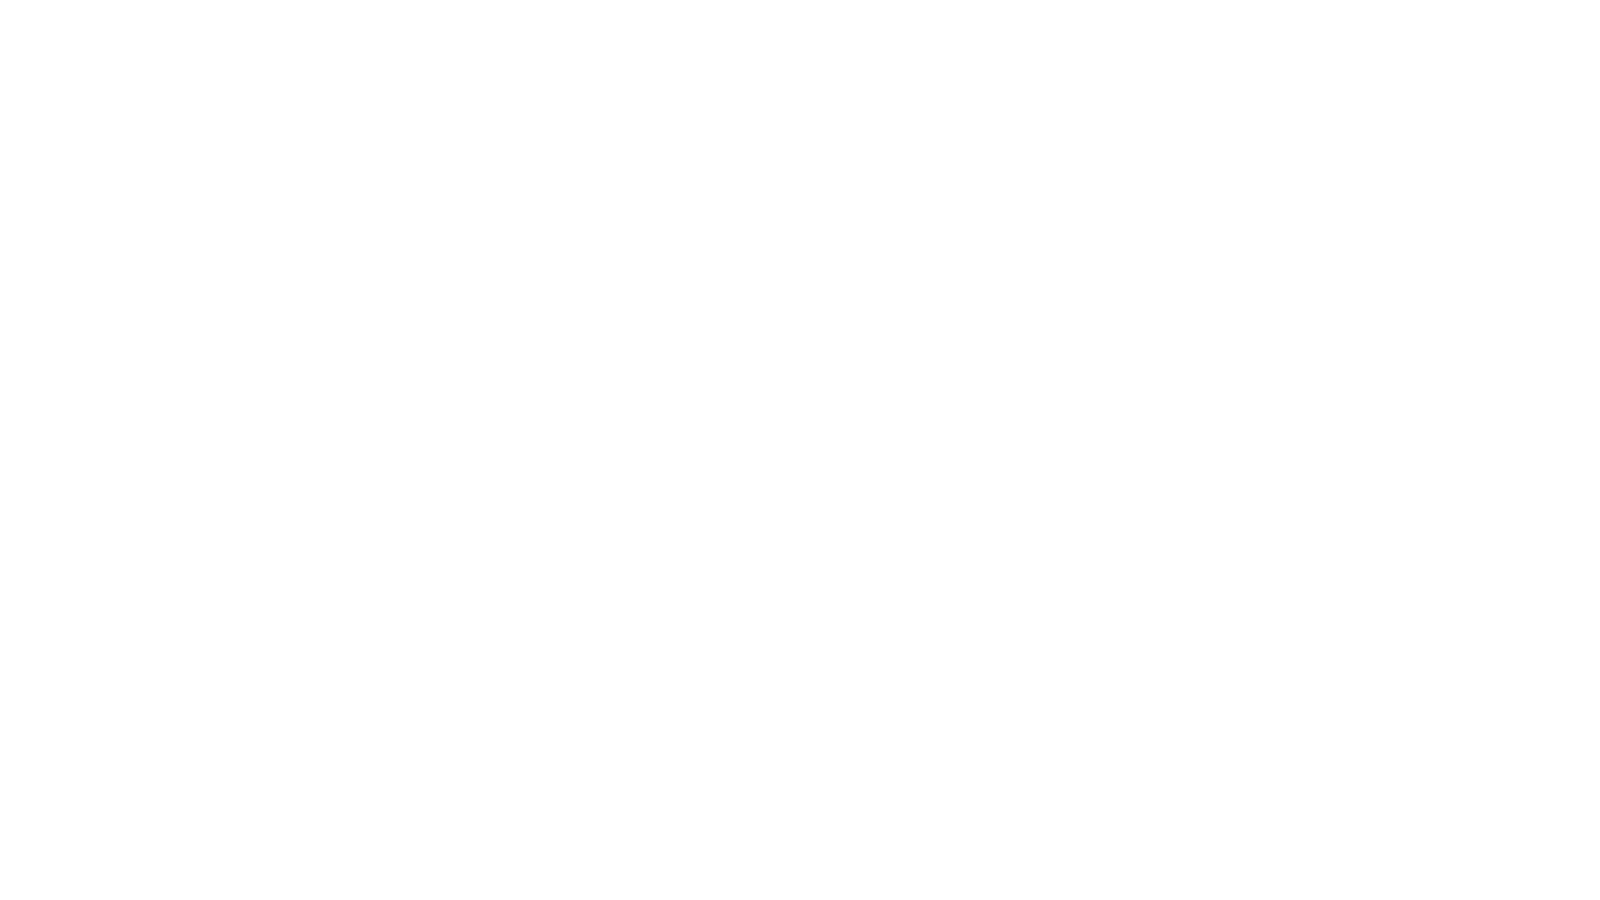 En el dia de la mujer, Scarlets presenta su nueva cover dedicada a todas las mujeres que aun no tienen visibilidad dentro del panorama musical y para ello como es su dinámica habitual han colaborado con artistas como Mar Gabarre (arpa) y acompañadas de su banda de mujeres, en este caso Abril Sauri (Bateria) y Andrea Amador (bajo). Vídeo realizado por Pedro Sánchez.